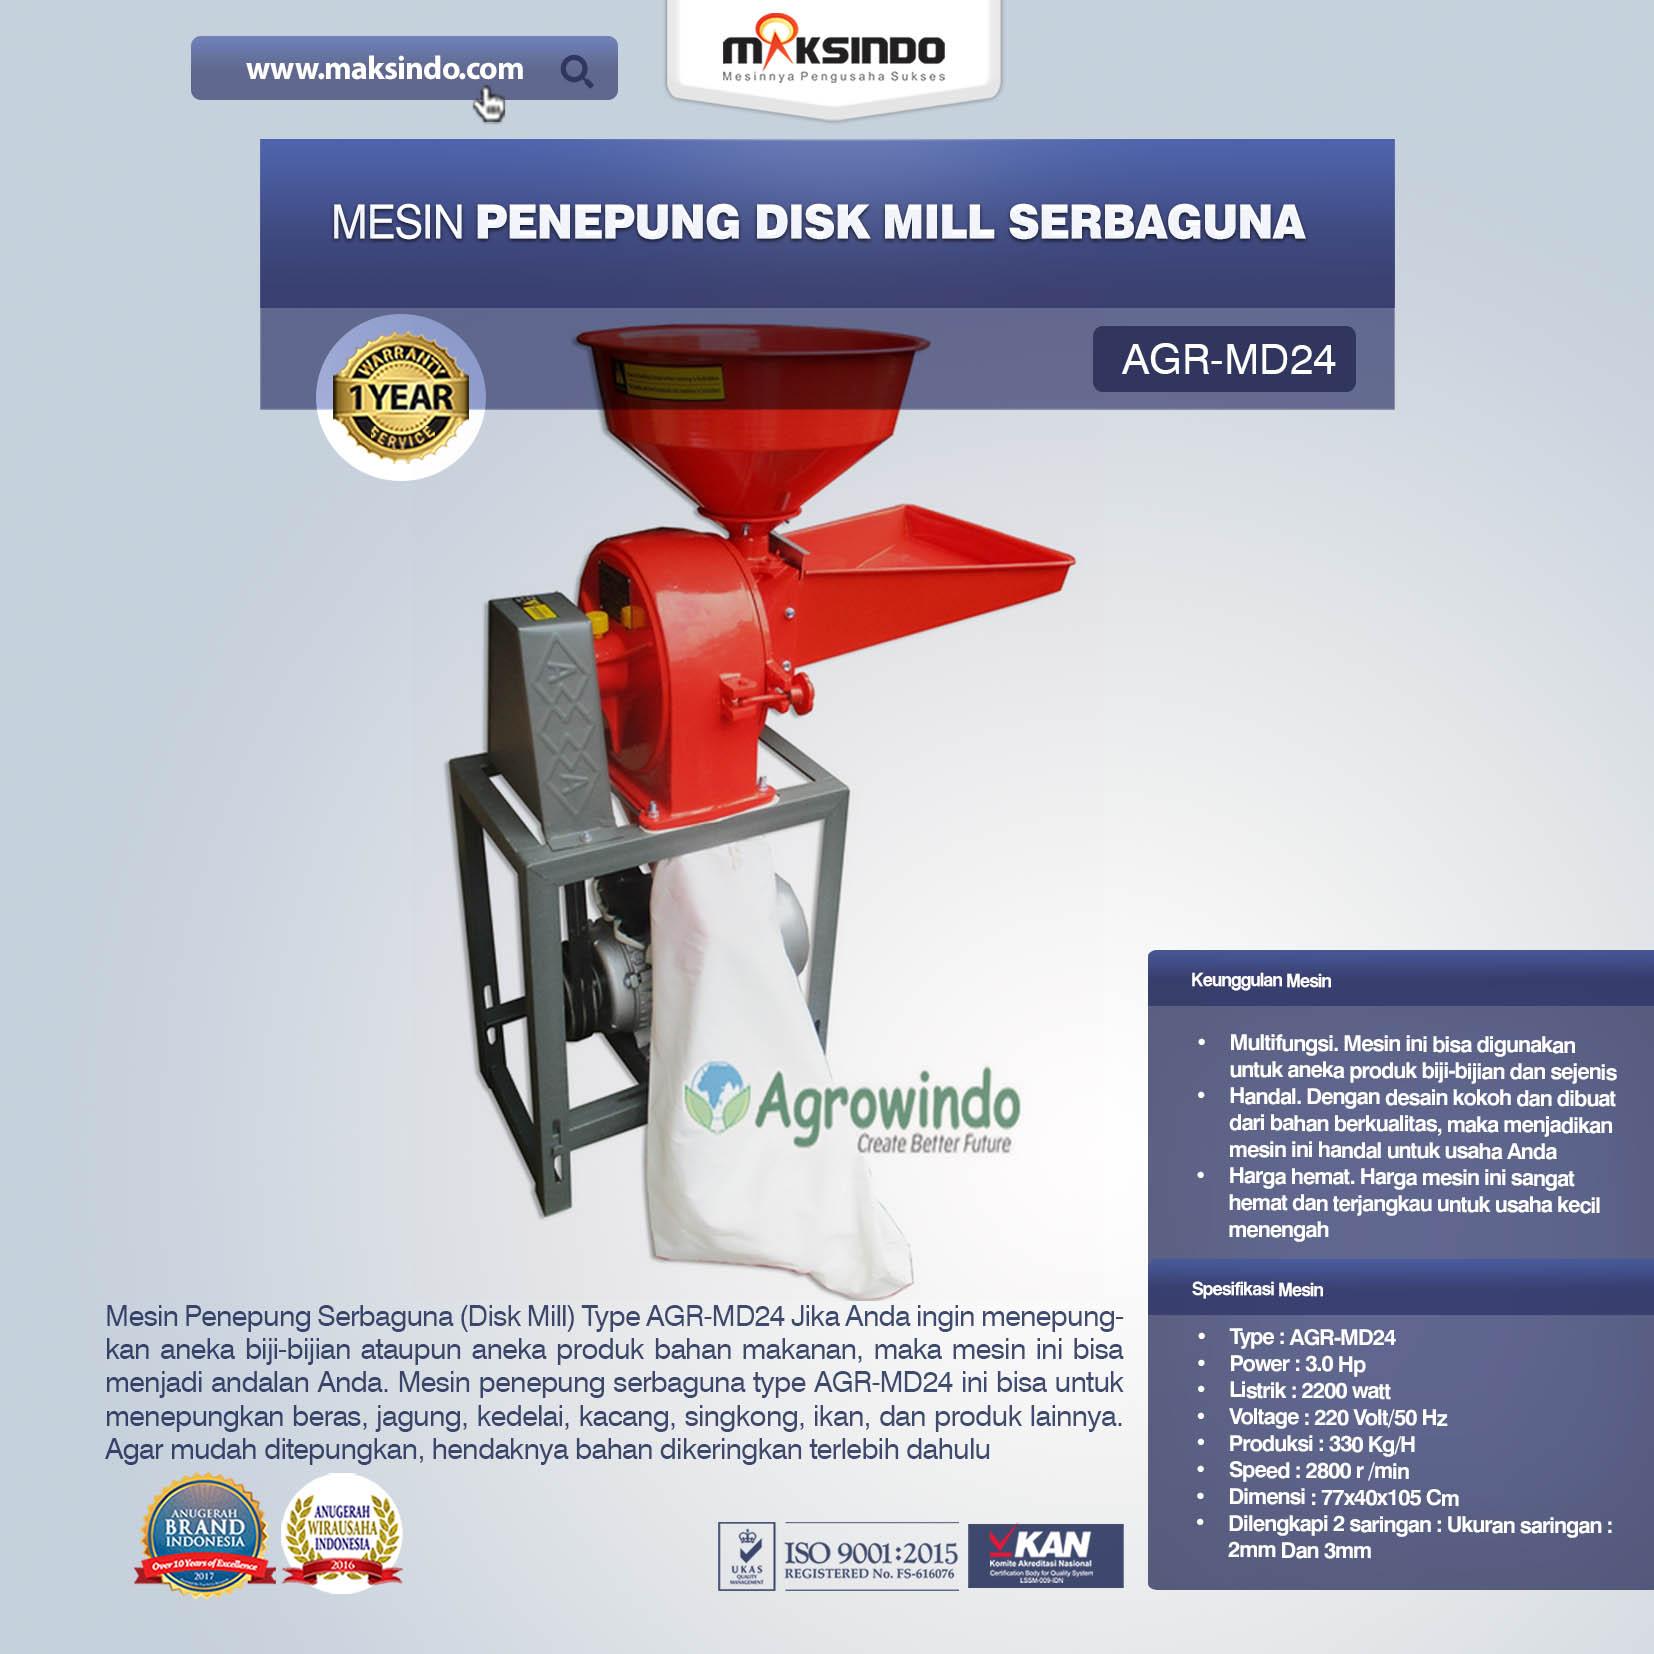 Jual Penepung Disk Mill Serbaguna (AGR-MD24) Di Jakarta